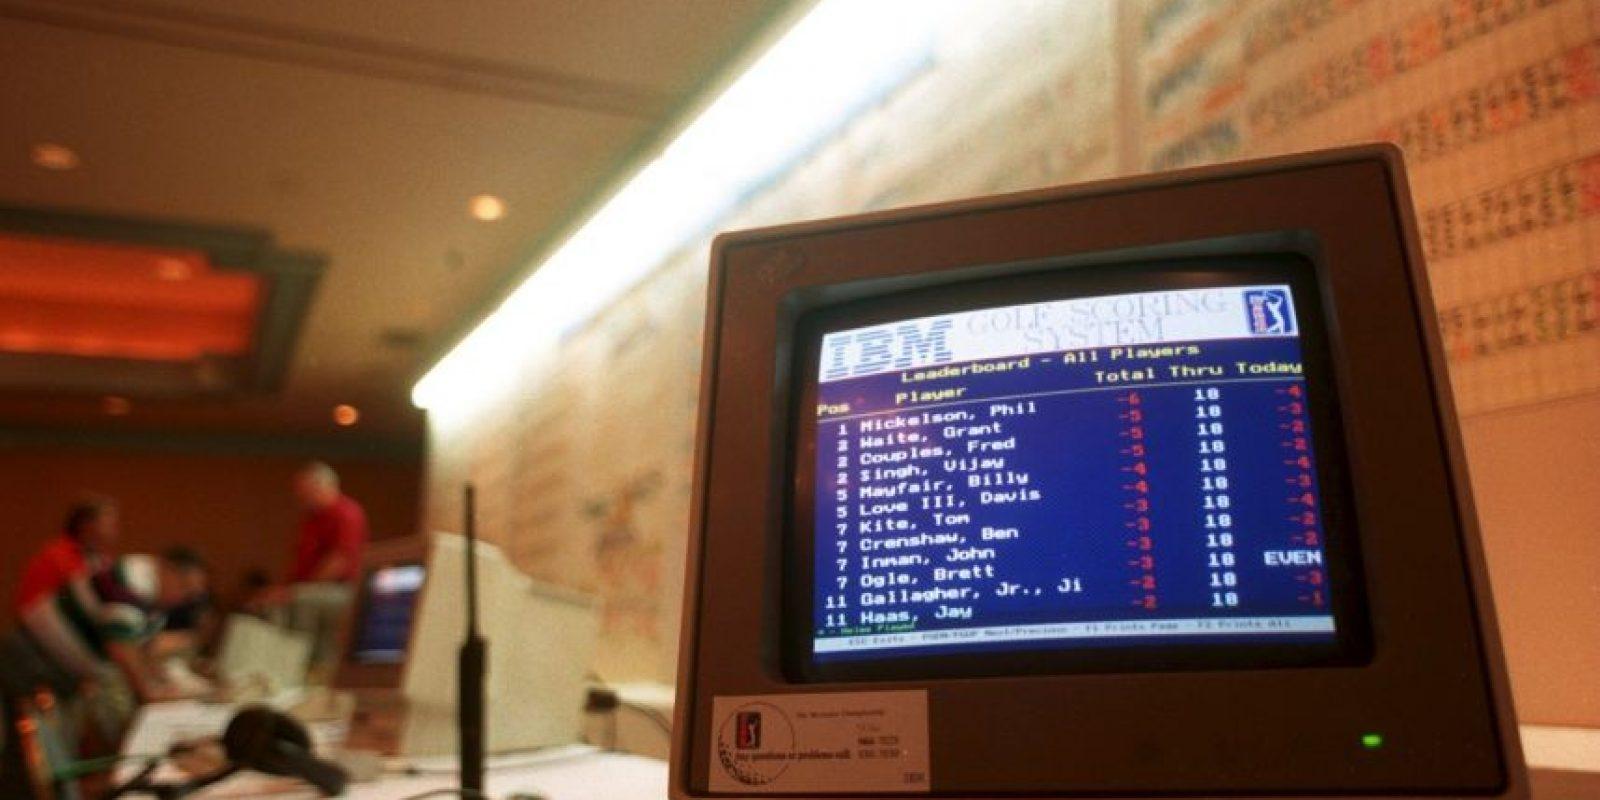 """Miles de computadoras de la empresa IBM fueron atacadas con el virus """"viernes 13"""" en Reino Unido. Foto:Getty Images"""